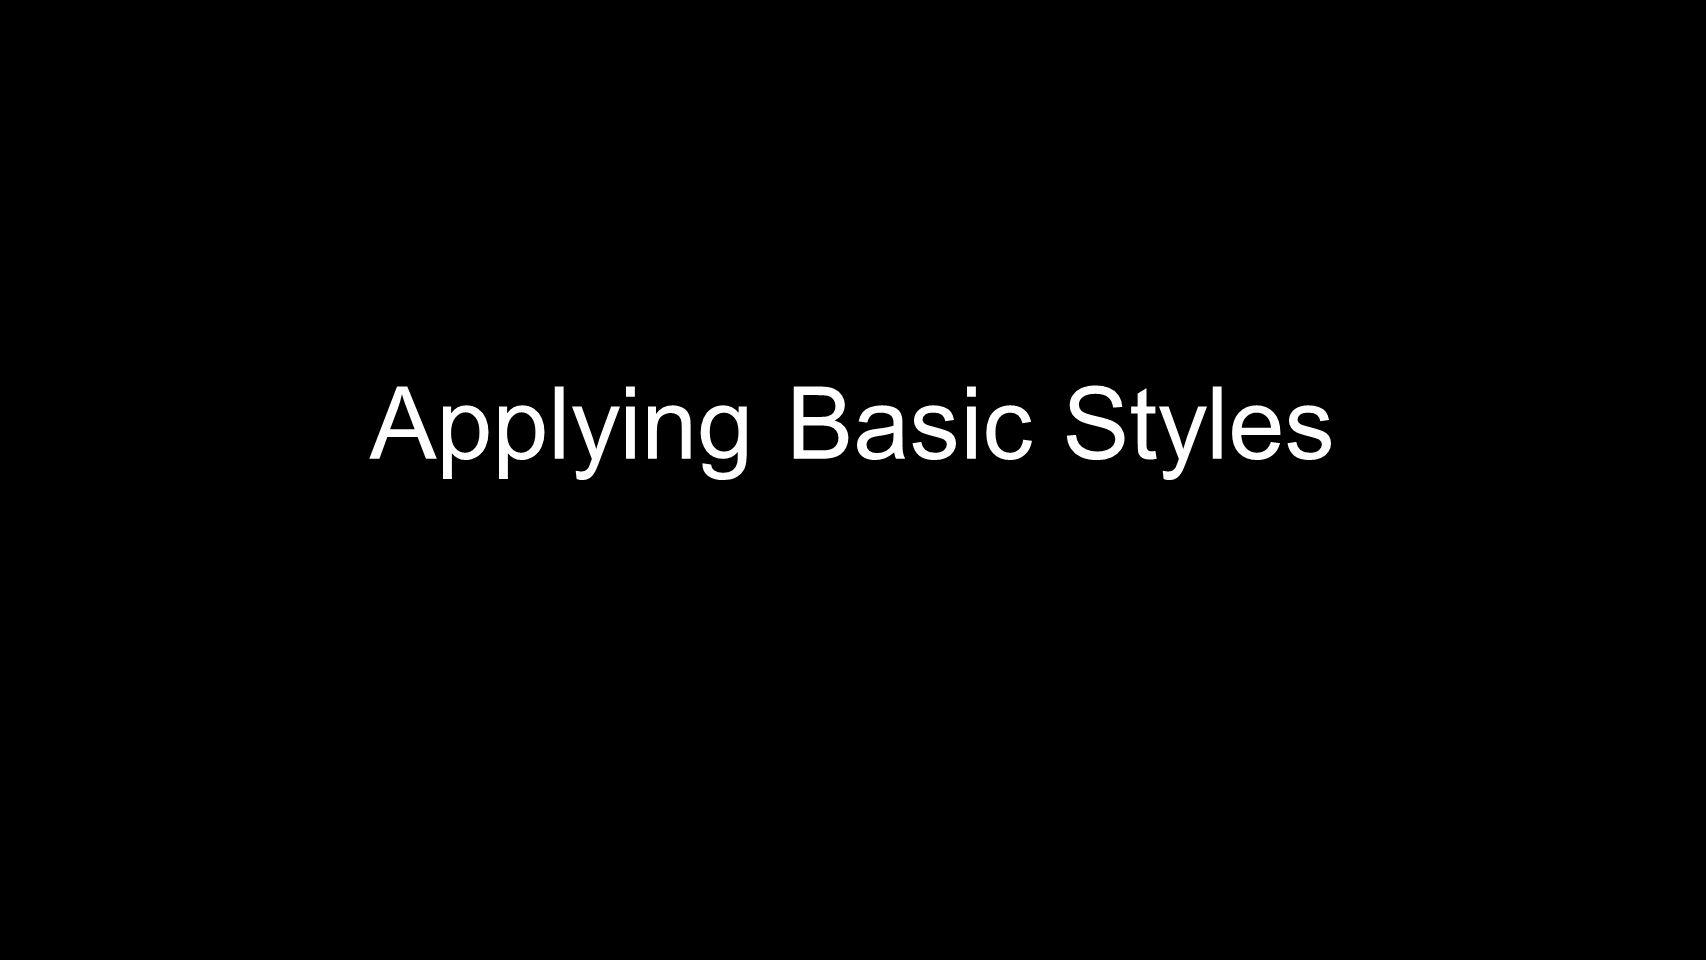 Applying Basic Styles